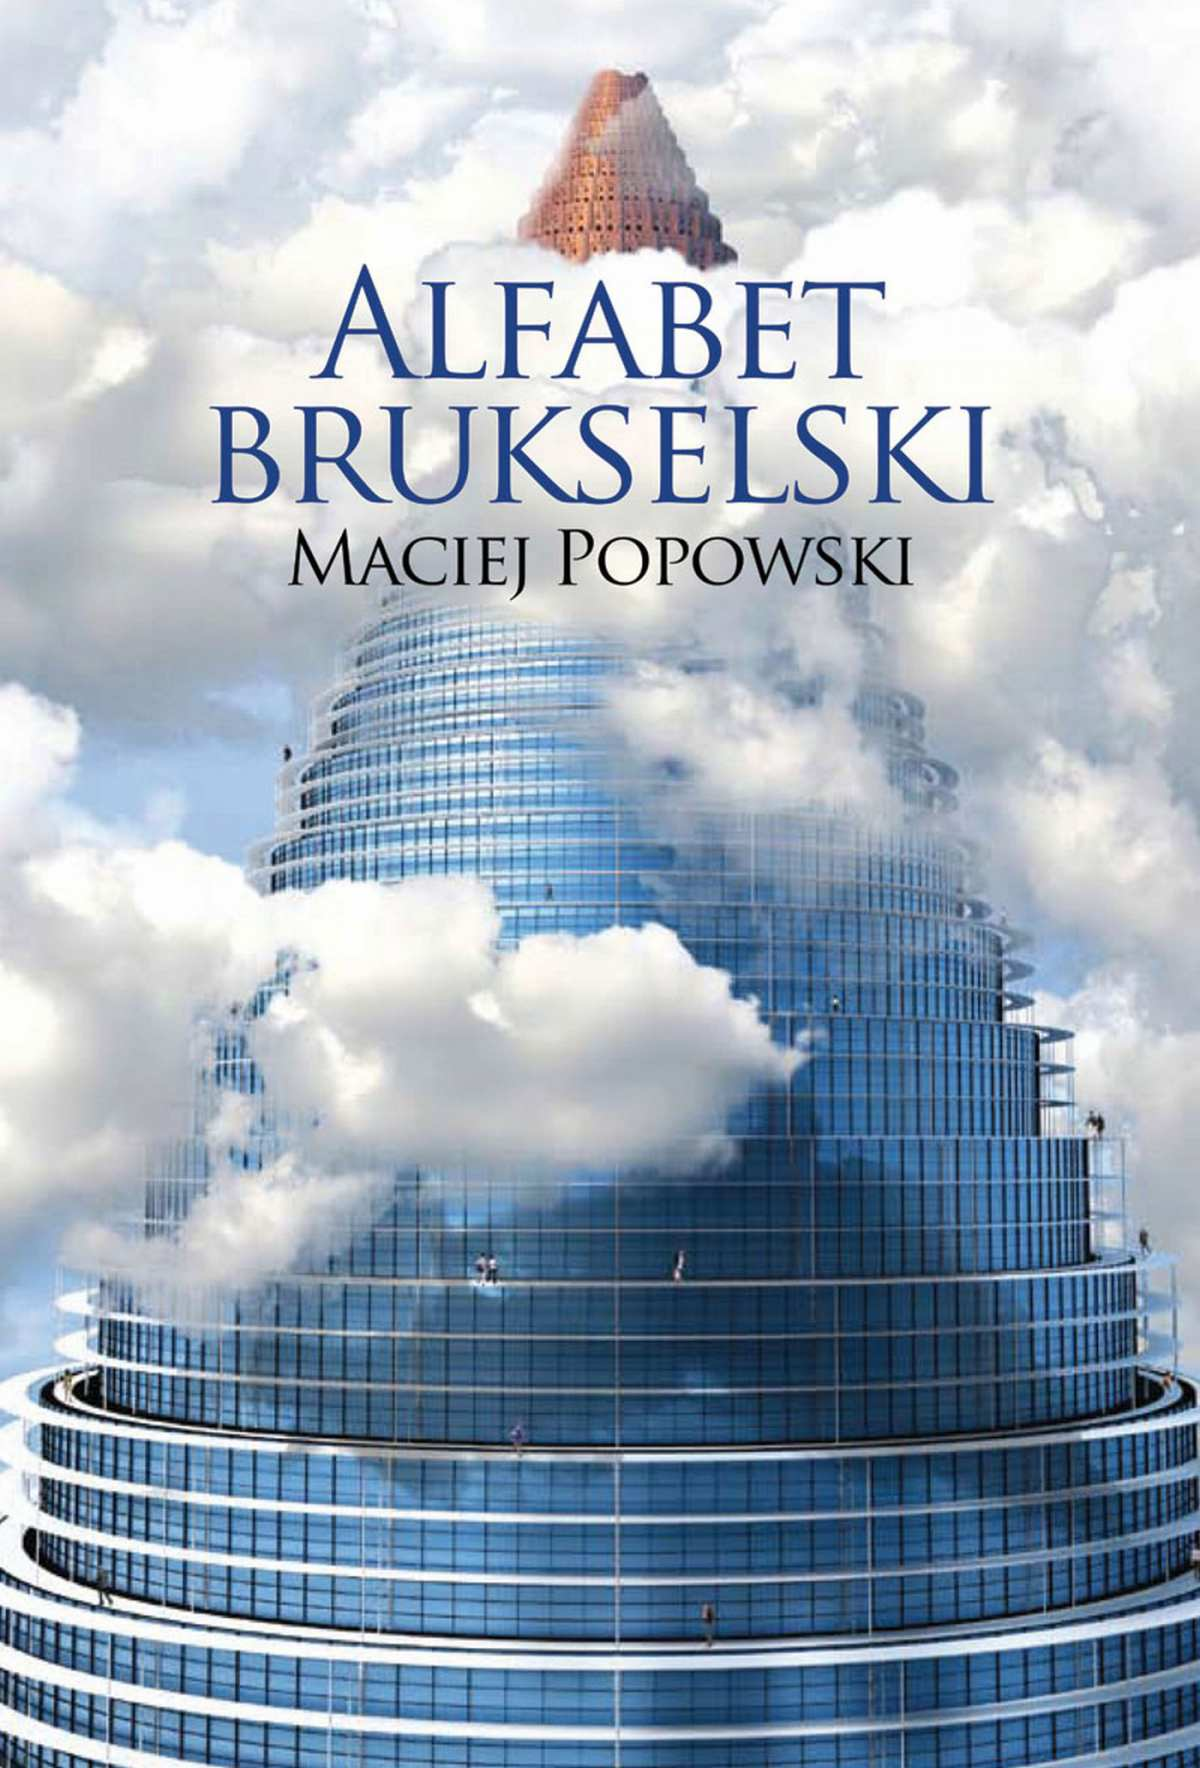 Alfabet brukselski - Ebook (Książka PDF) do pobrania w formacie PDF